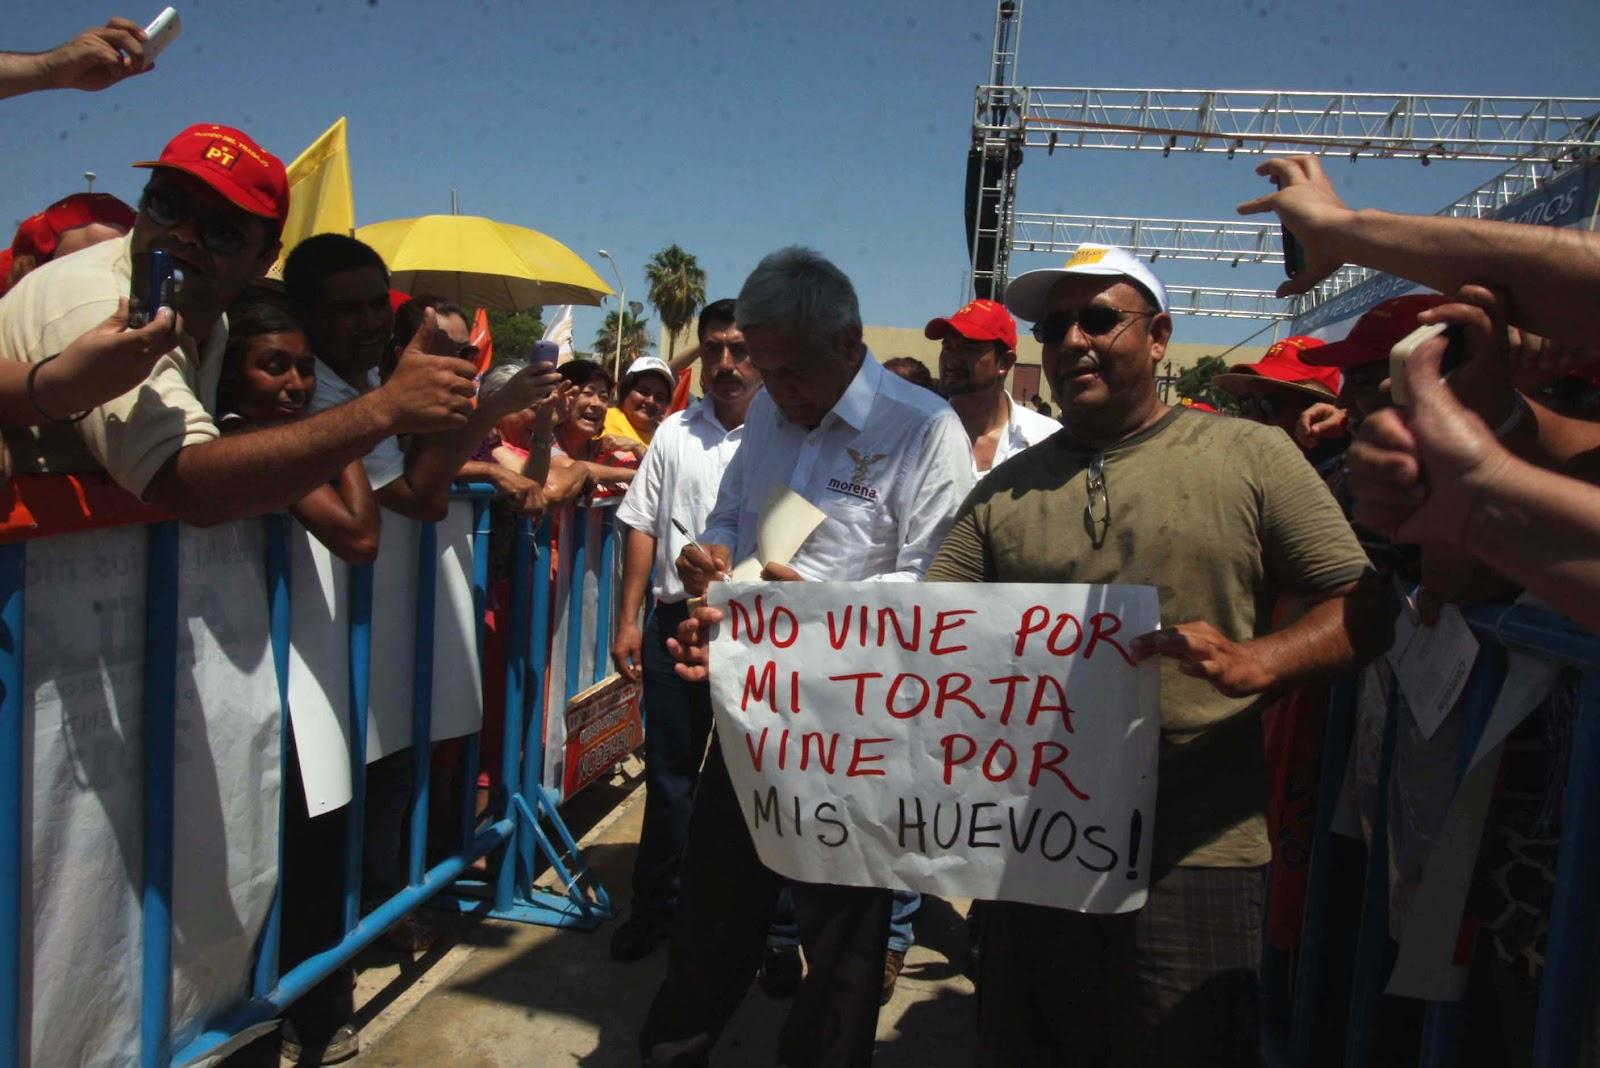 http://3.bp.blogspot.com/-UtWrGJlIVmk/T9kWnr0syzI/AAAAAAAATnw/dTzEhc0rkjU/s1600/La+Paz+Baja+California+Sur++++++%281%29.JPG